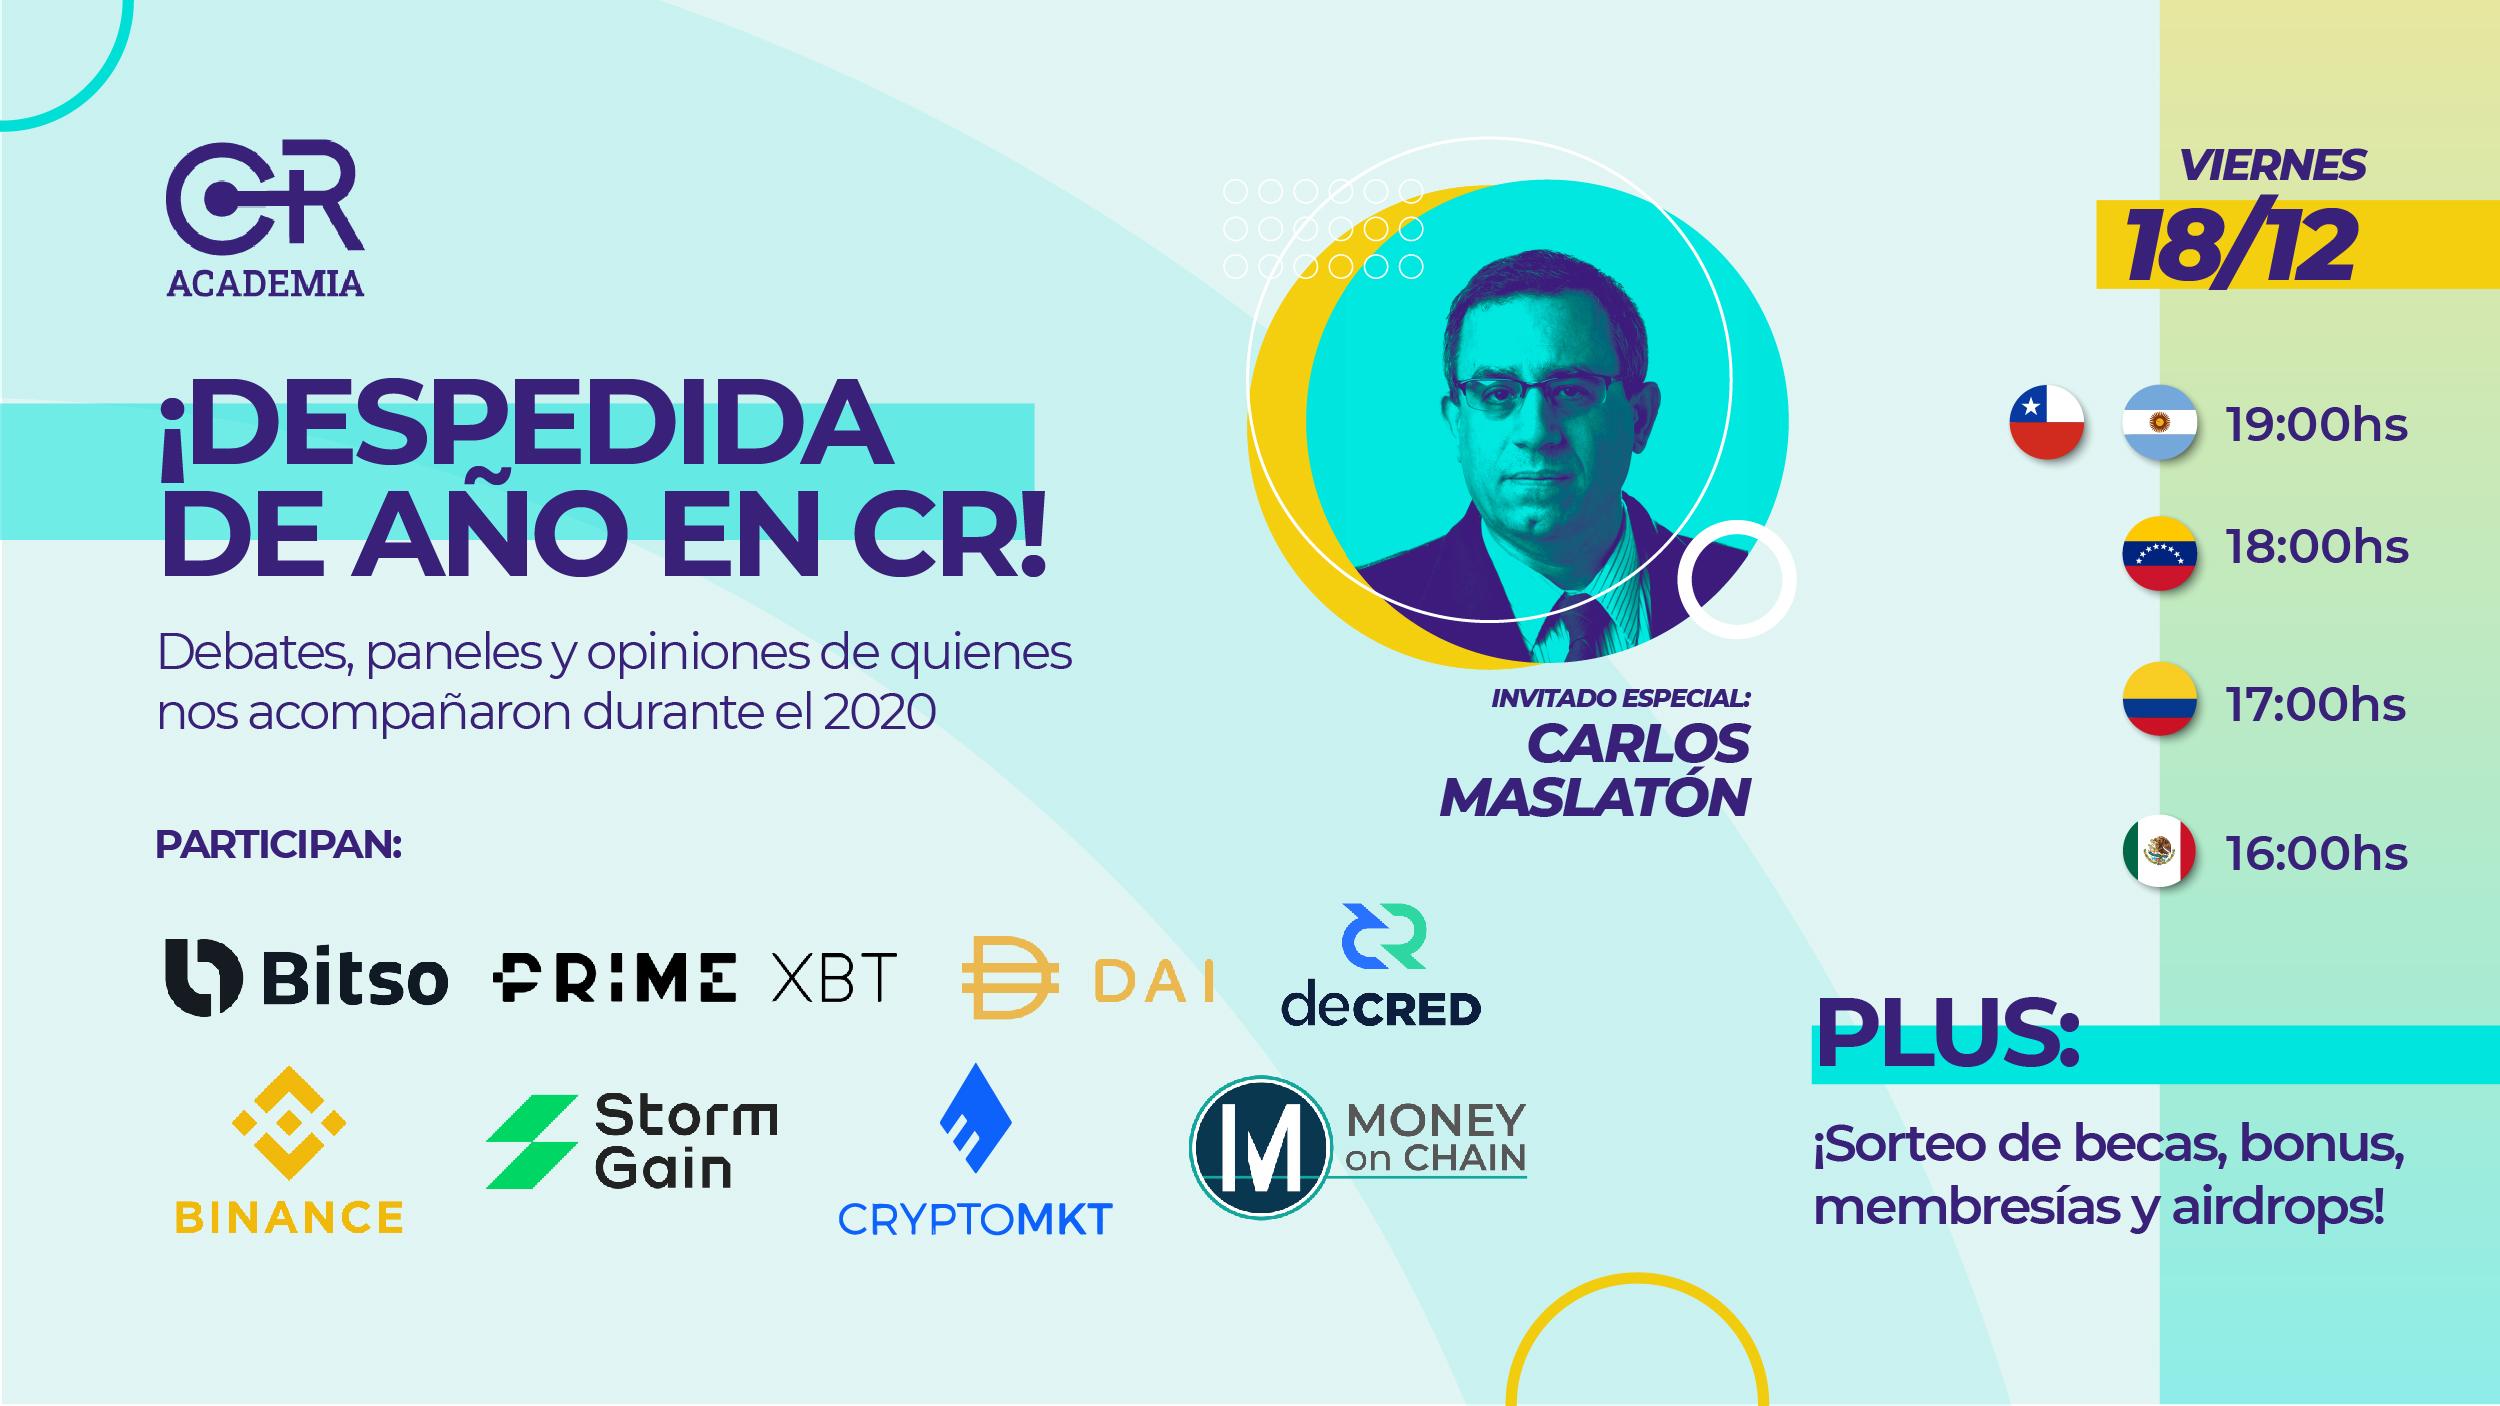 Cierre de año en CR! DeFi, Exchanges y más. Invitado especial: Carlos Maslatón